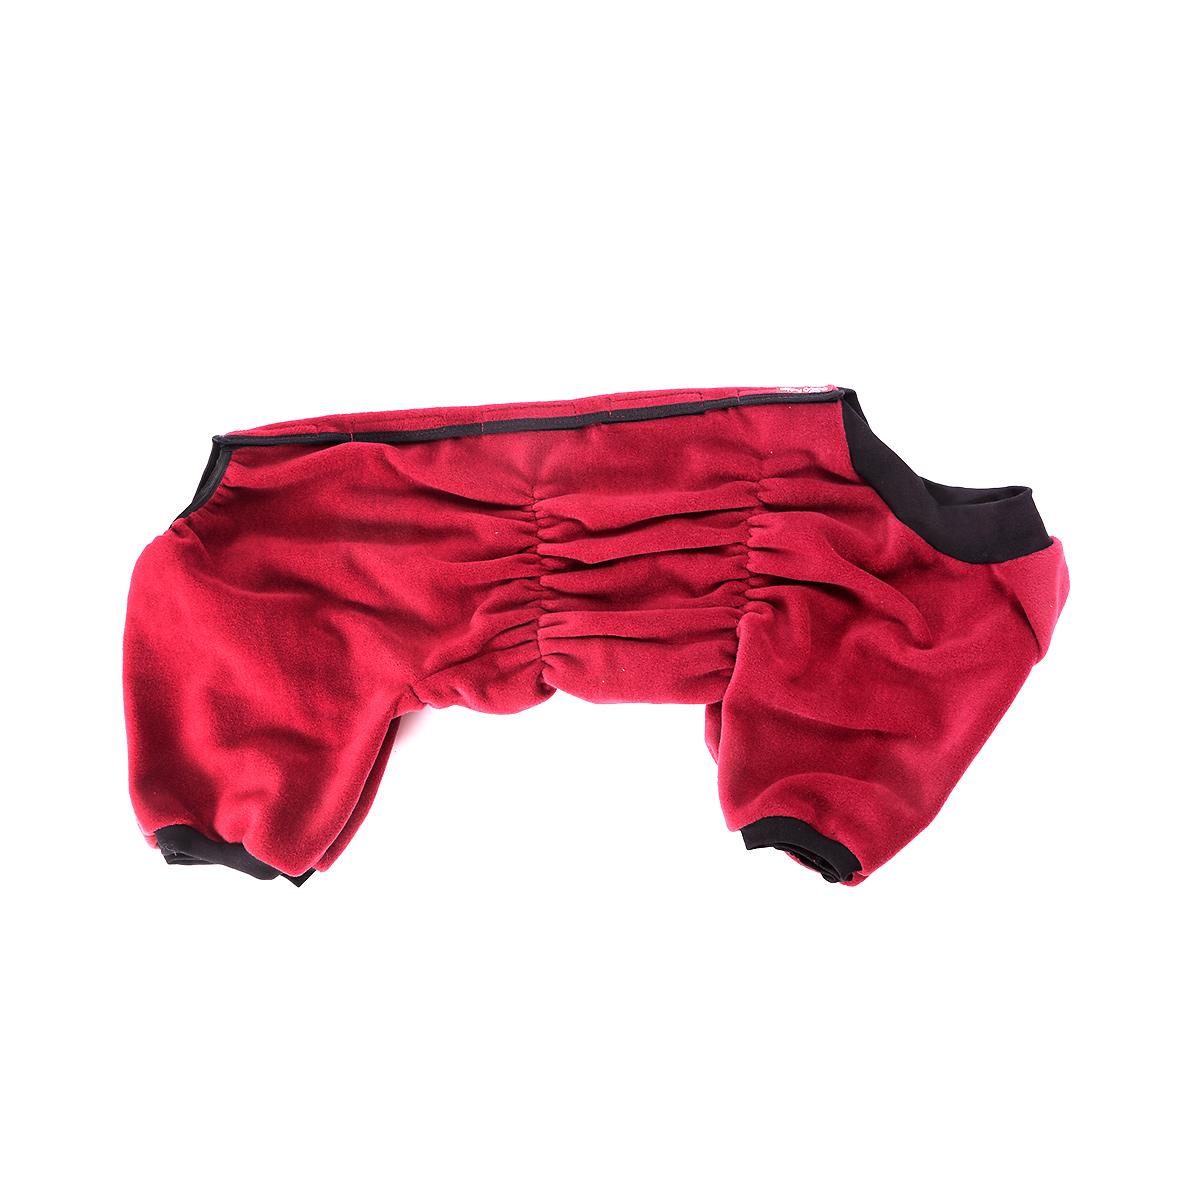 Комбинезон для собак OSSO Fashion, для девочки, цвет: бордовый. Размер 30DM-140555_бежевыйКомбинезон для собак OSSO Fashion выполнен из флиса. Комфортная посадка по корпусу достигается за счет резинок-утяжек под грудью и животом. На воротнике имеются завязки, для дополнительной фиксации. Можно носить самостоятельно и как поддевку под комбинезон для собак. Изделие отлично стирается, быстро сохнет.Длина спинки: 30 см.Объем груди: 34-44 см.